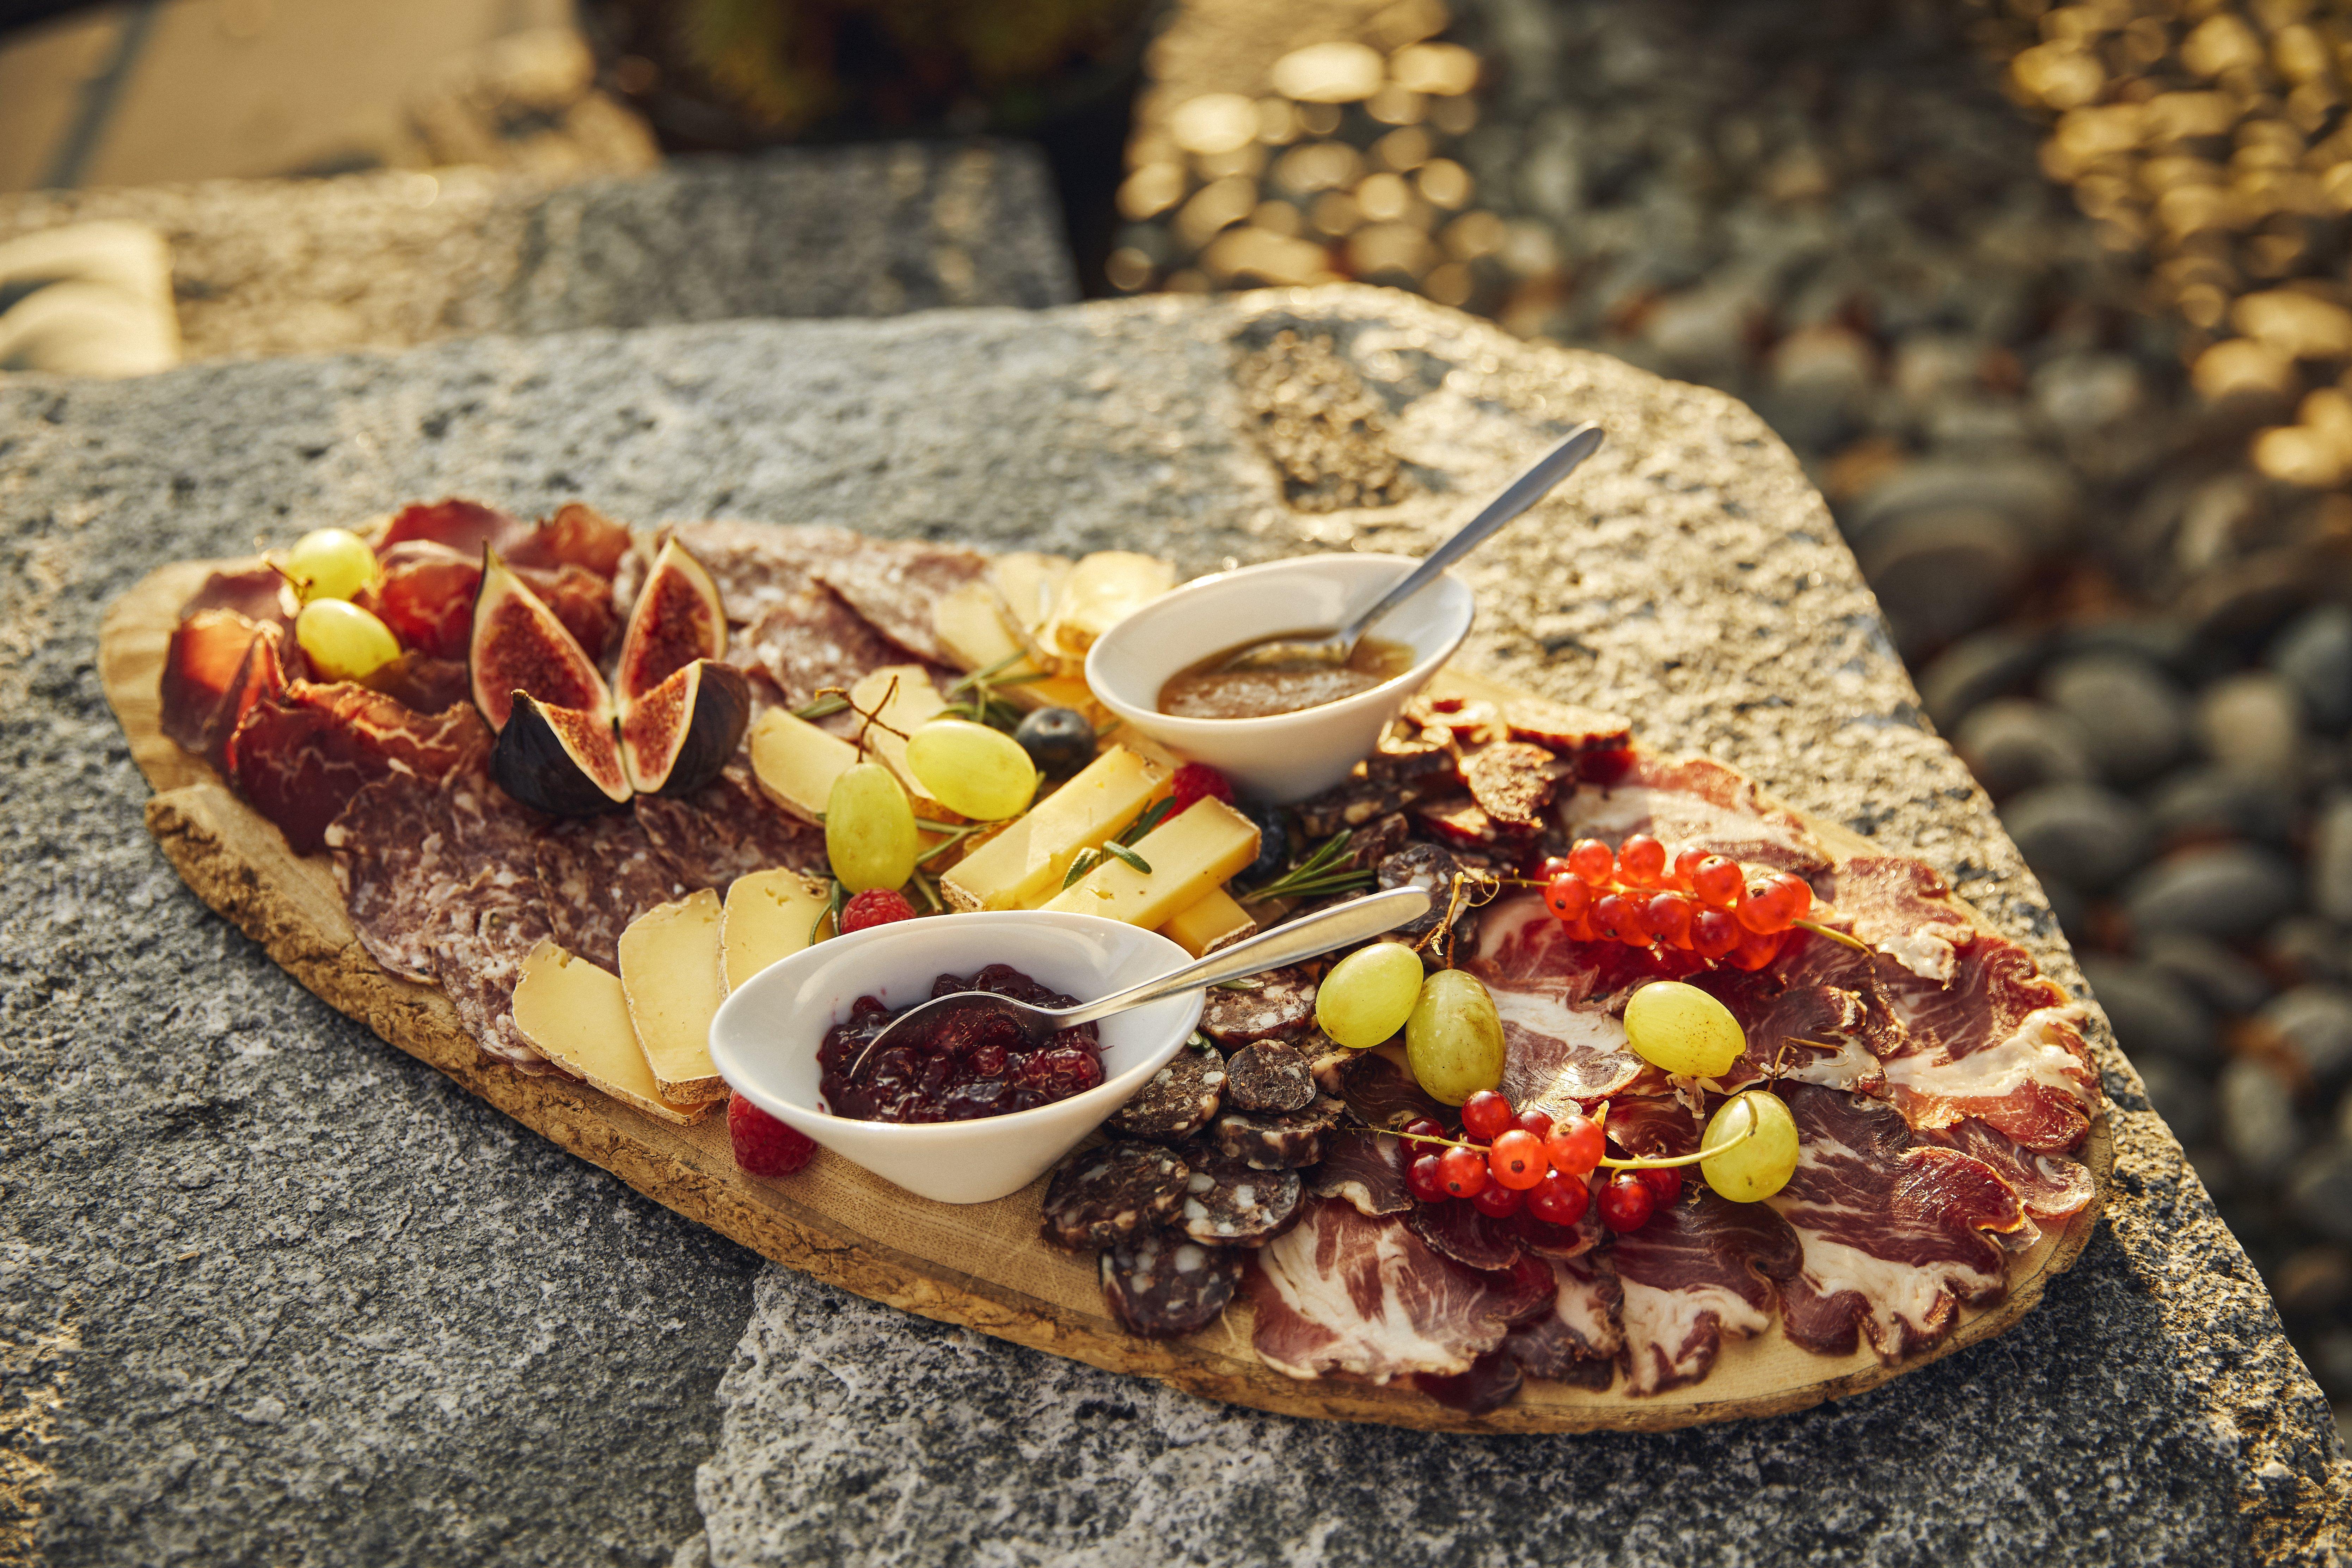 36-Grotto - piatto tipico - Brione sopra Minusio - ST (© Switzerland Tourism - foto Giglio Pasqua).jpg